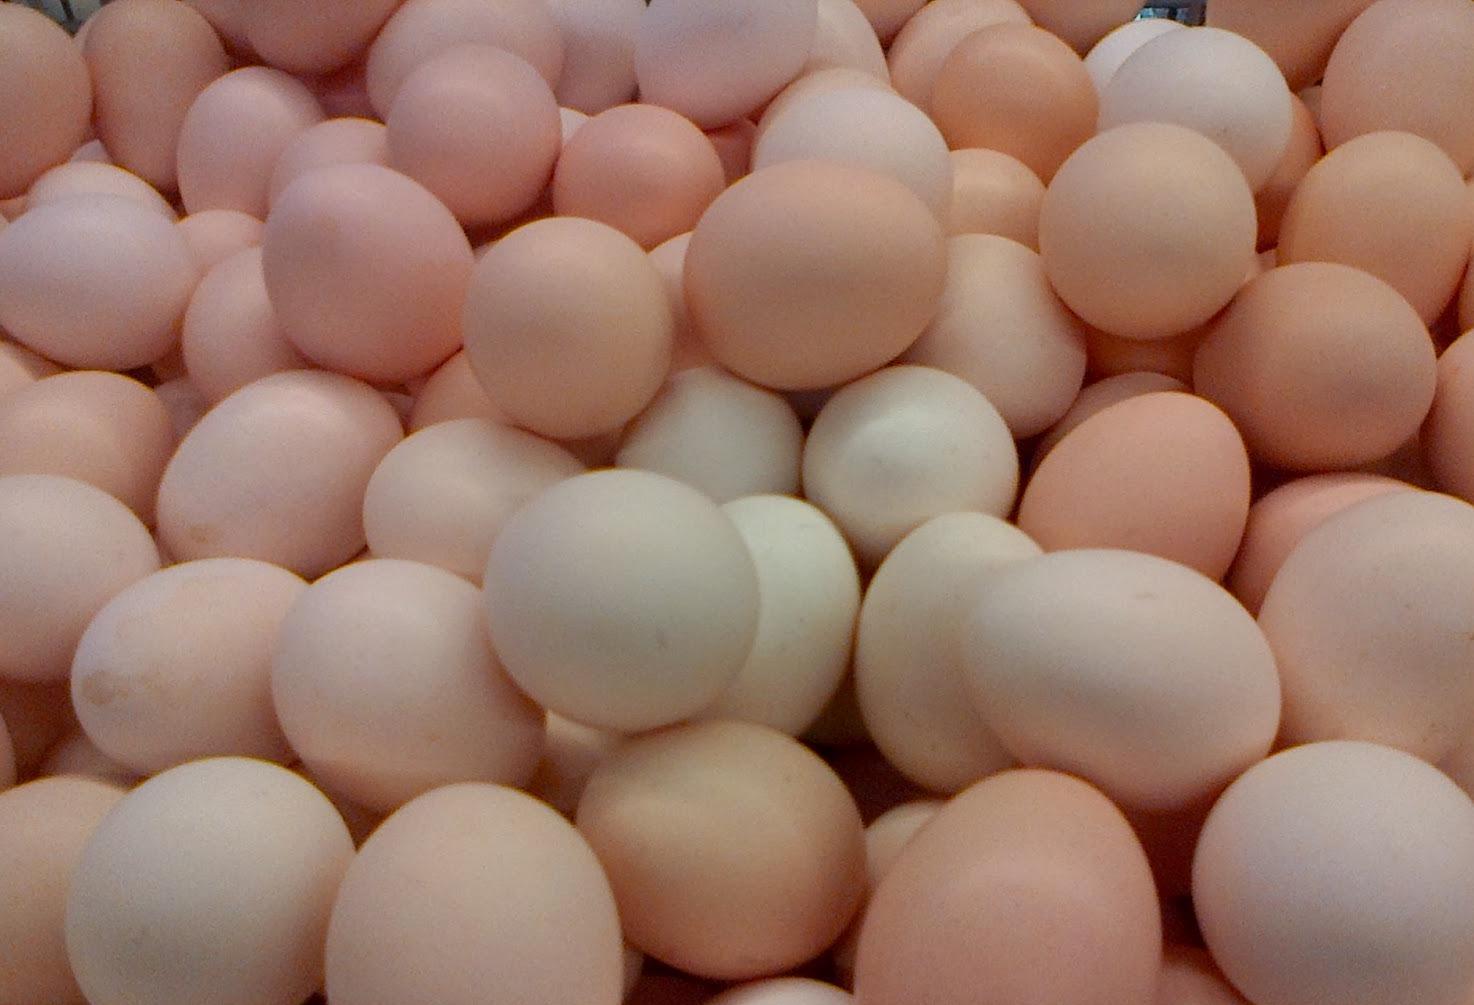 Konsumsi Telur Ayam Kampung Dan Madu Dapat Mempercepat Kehamilan Mitos Atau Fakta Okezone Lifestyle